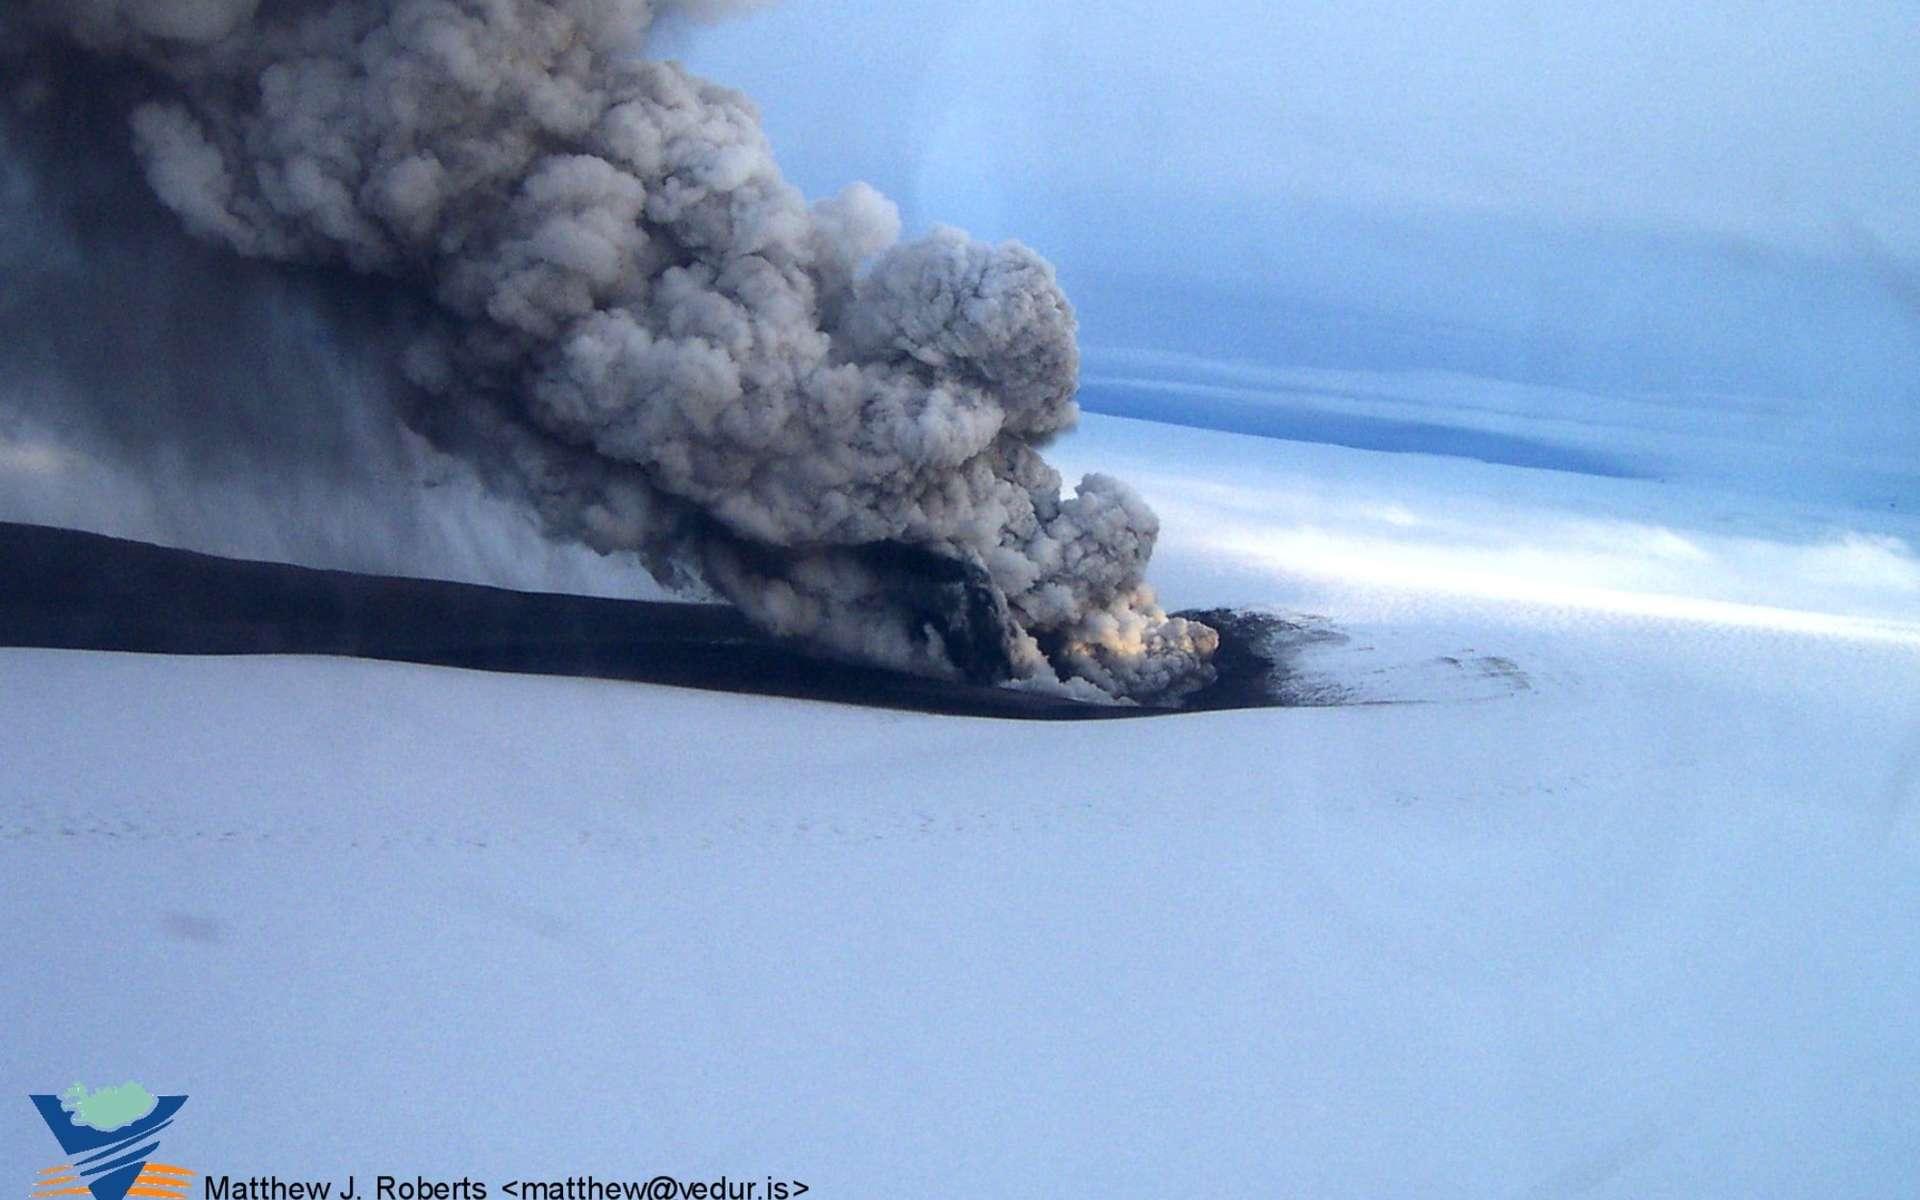 Le Grímsvötn est un volcan d'Islande situé sous la calotte glaciaire du Vatnajökull. On voit sur cette image son éruption en 2011. © Icelandic Met Office